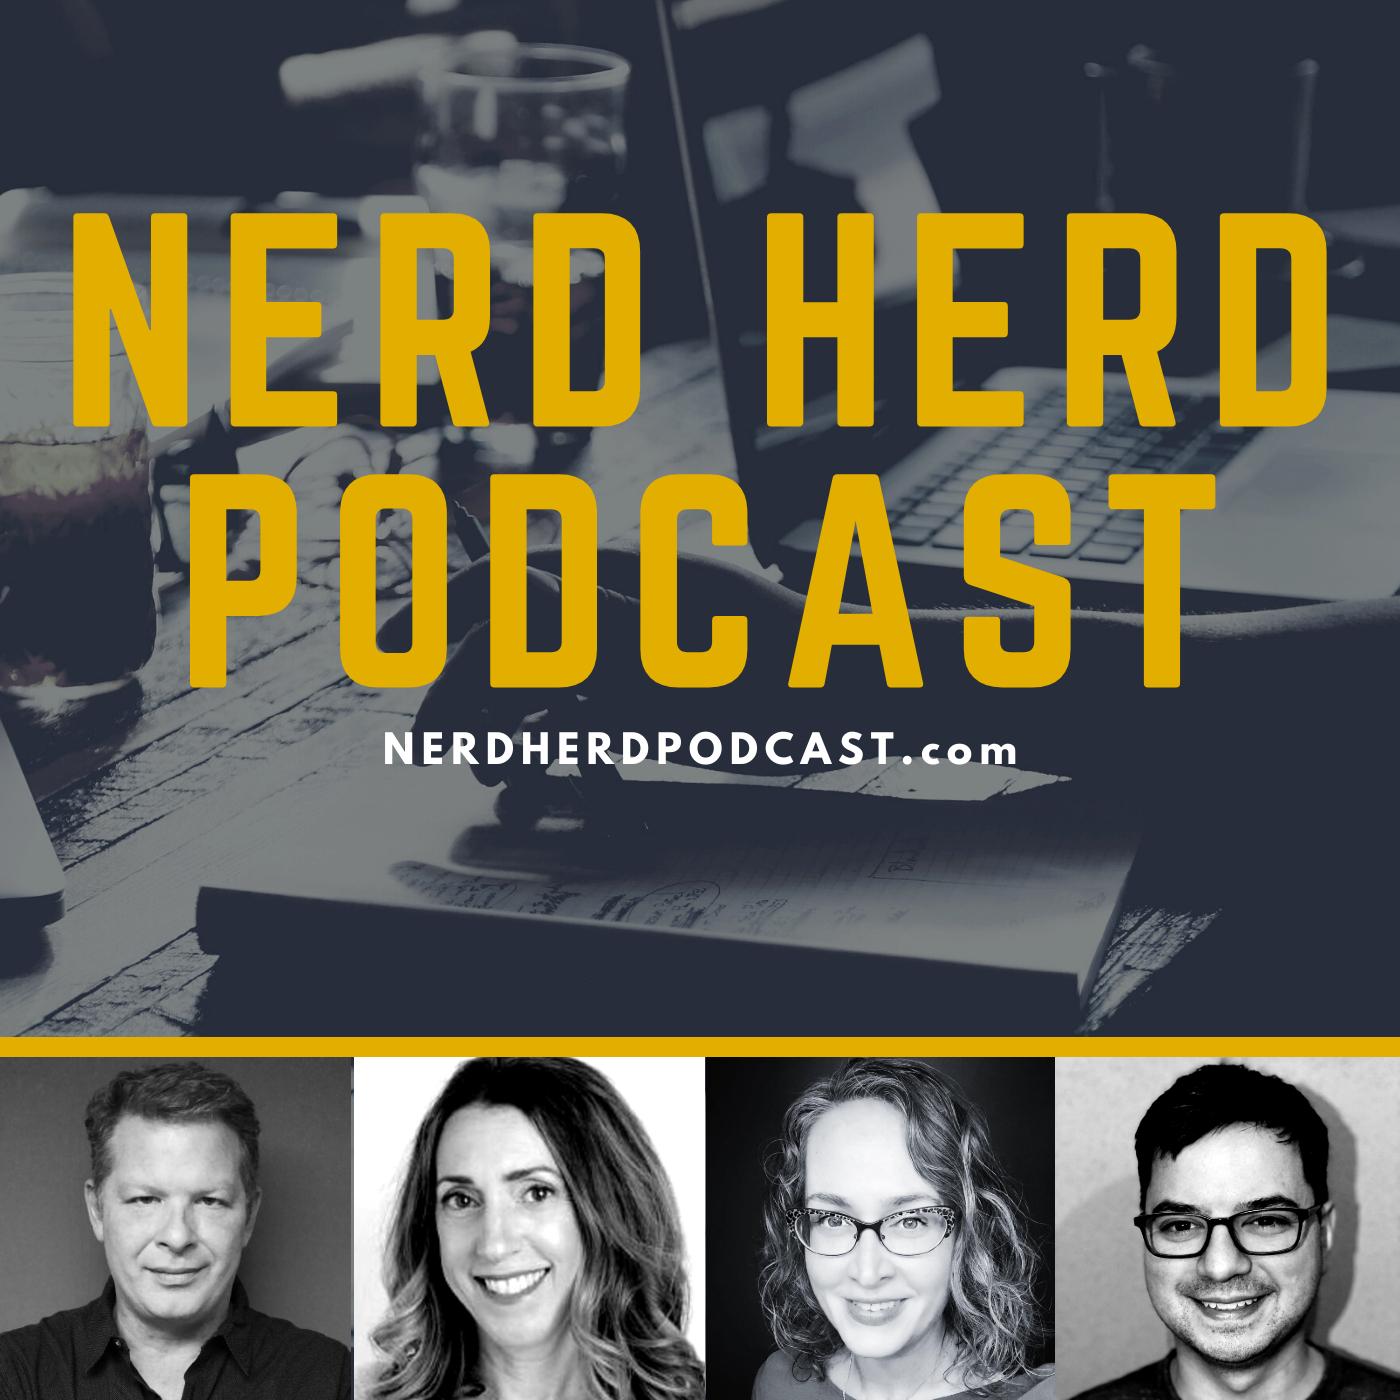 Nerd Herd Podcast show art